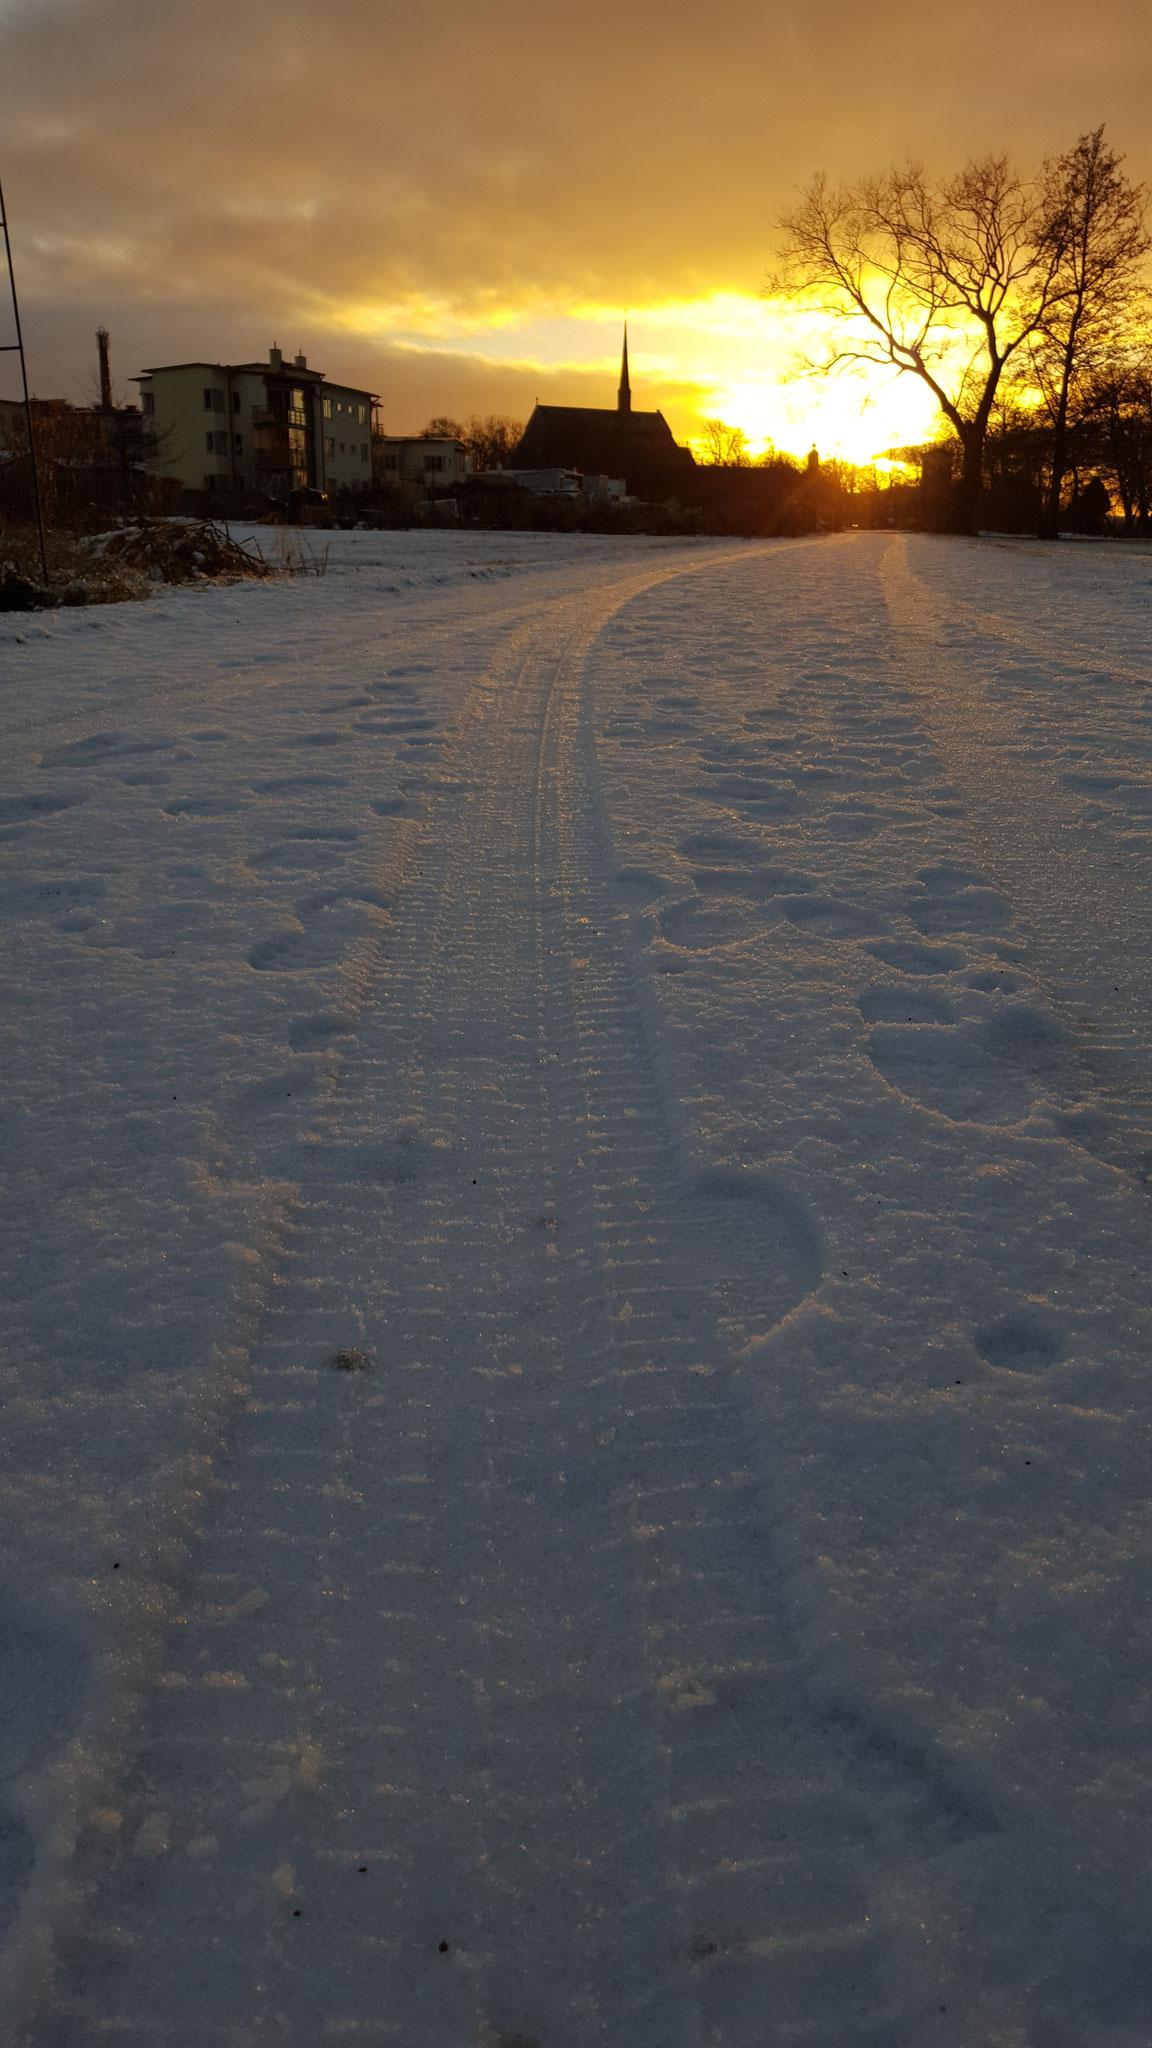 Sonnenuntergang im winterlichen Vadstena